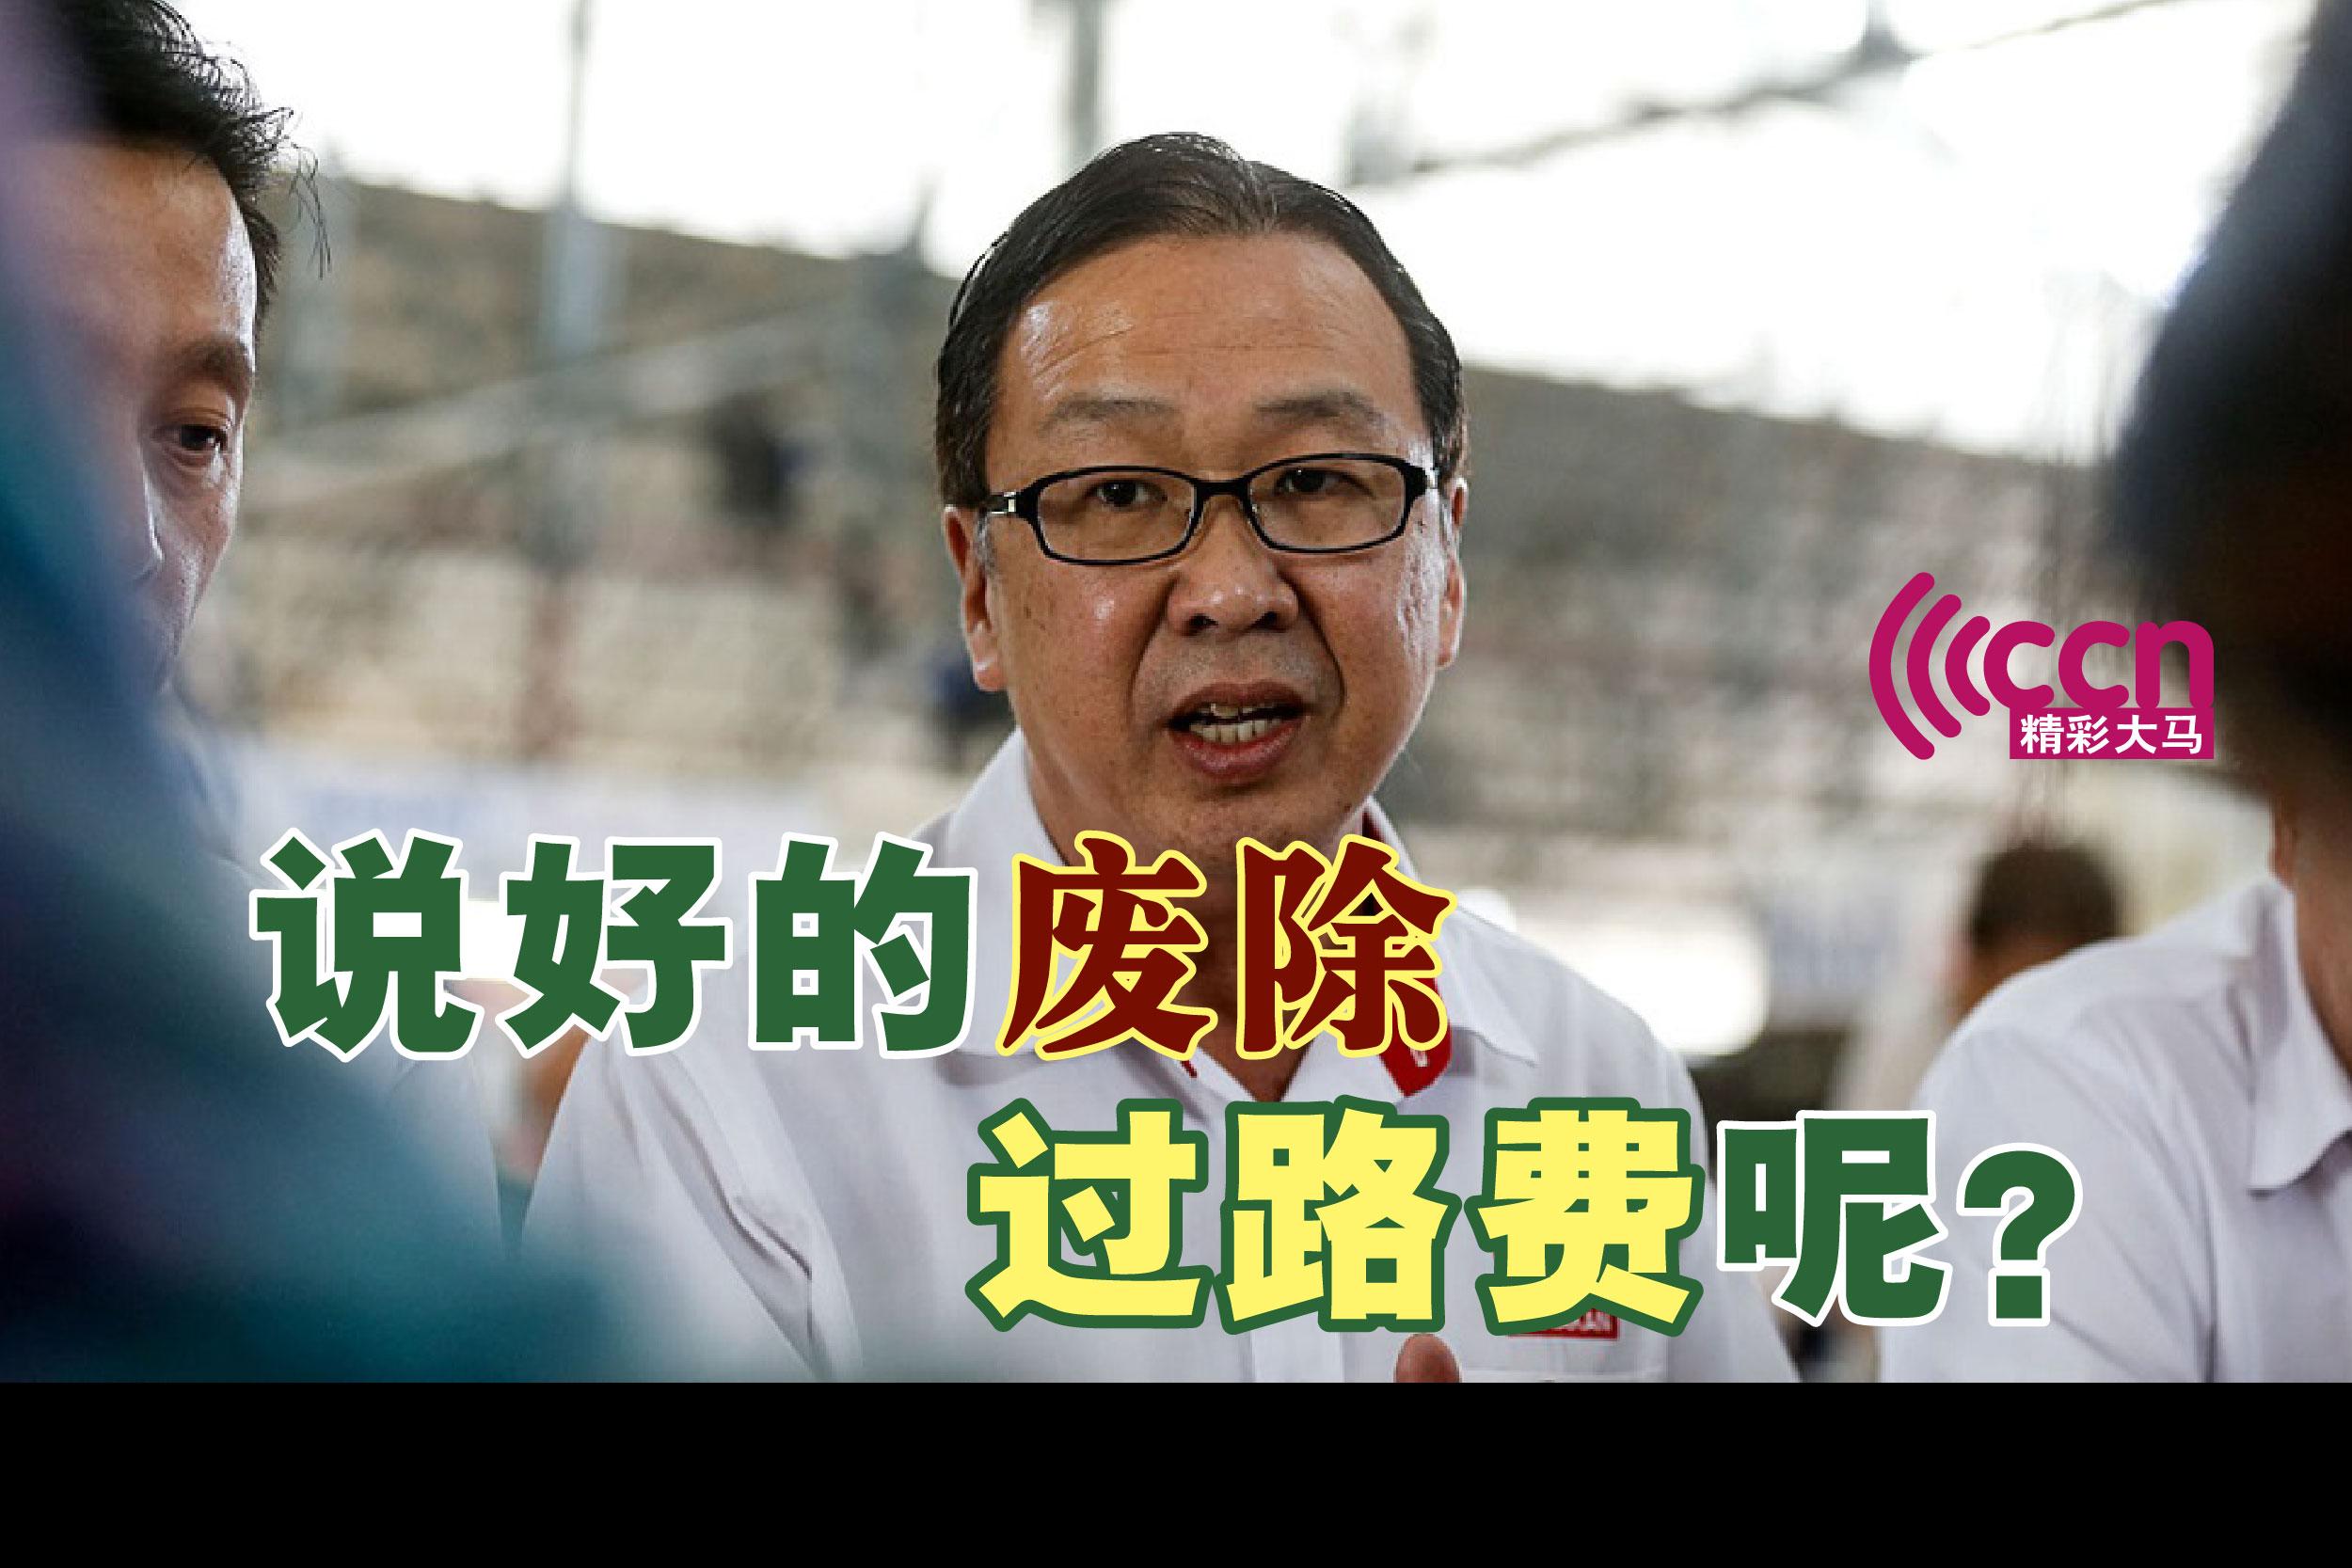 刘华才说,希盟在大选宣言是废除过路费,不是降低。-精彩大马-